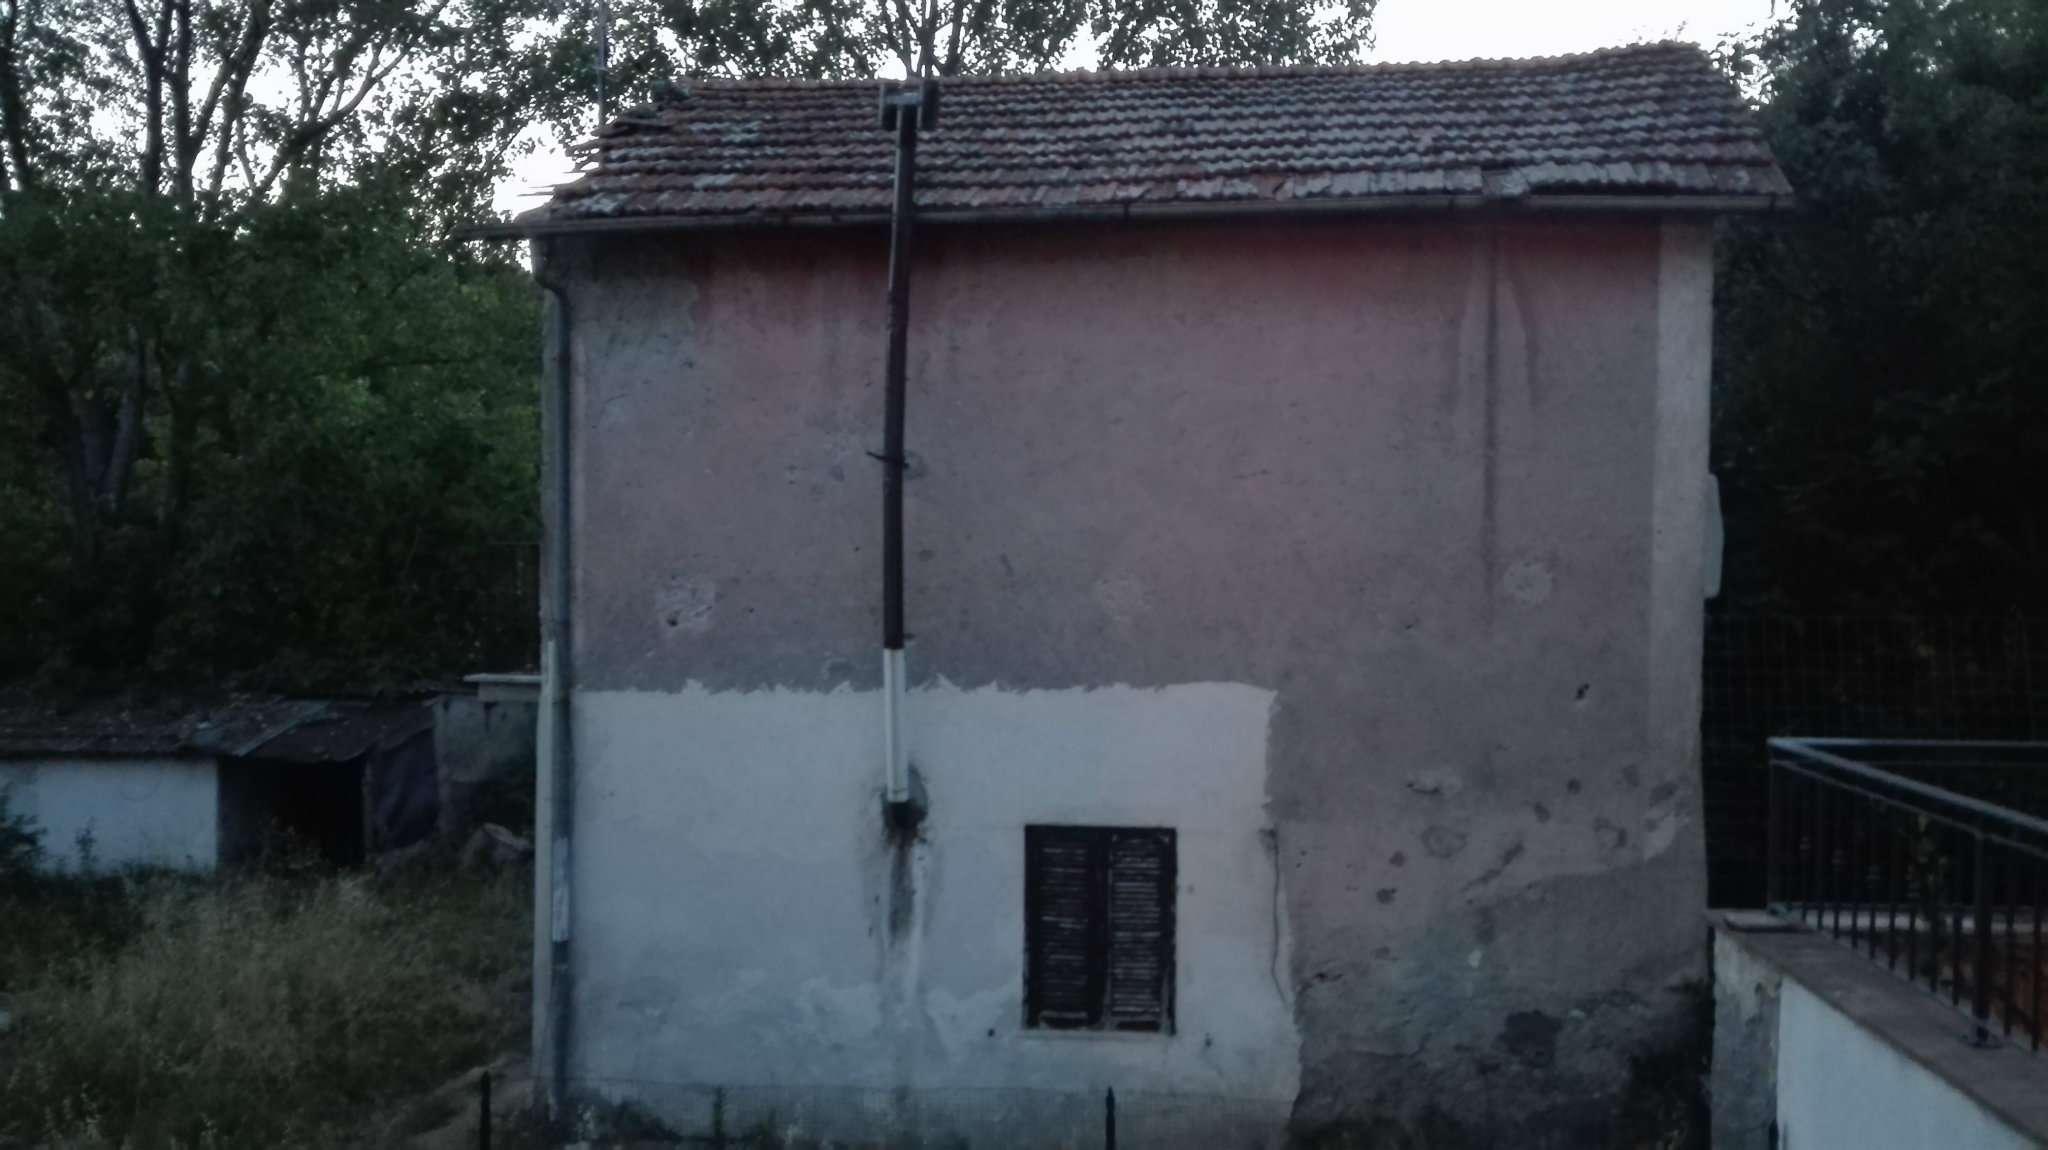 Terreno vicovaro in vendita waa2 for 1250 piedi quadrati di casa